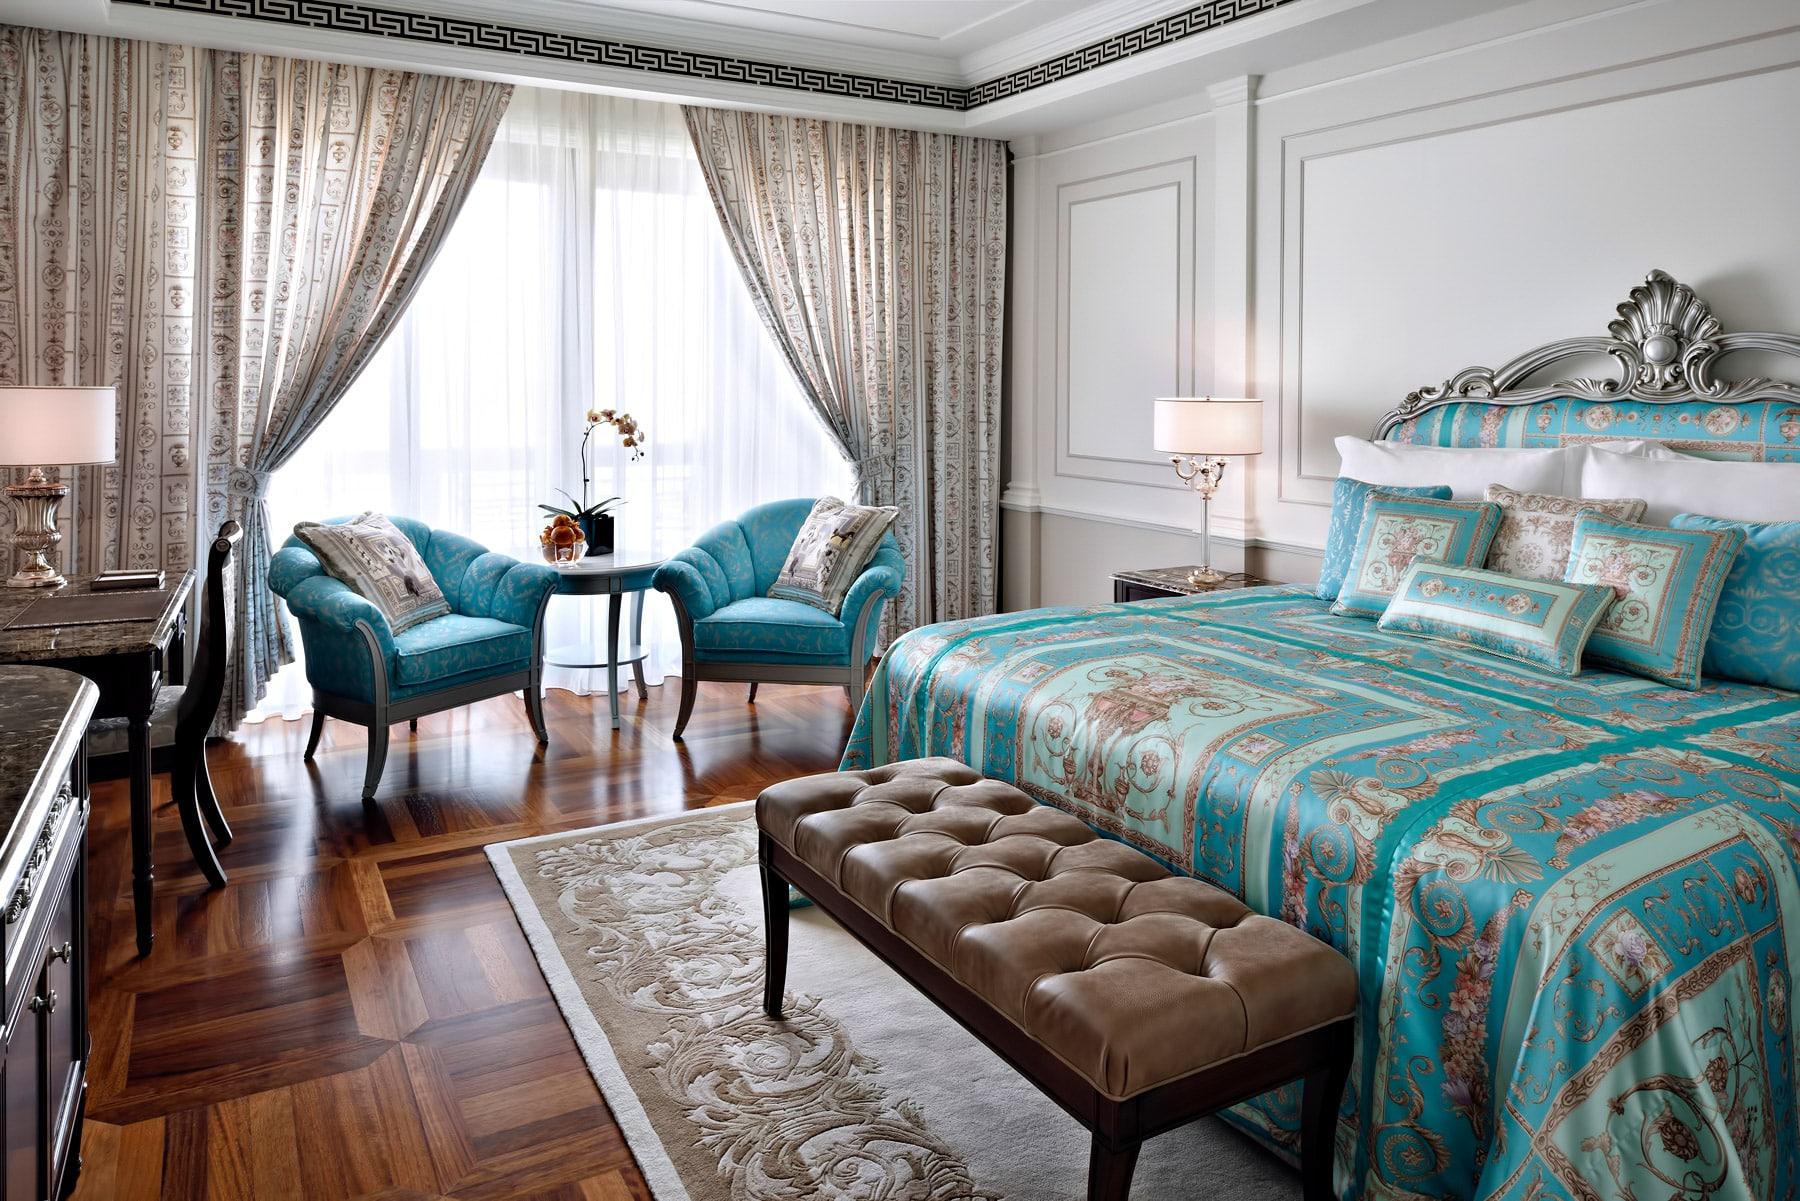 Всі тканини і меблі для інтер'єрів були розроблені і виготовлені будинком Versace спеціально для готелю Palazzo Versace в Дубаї.